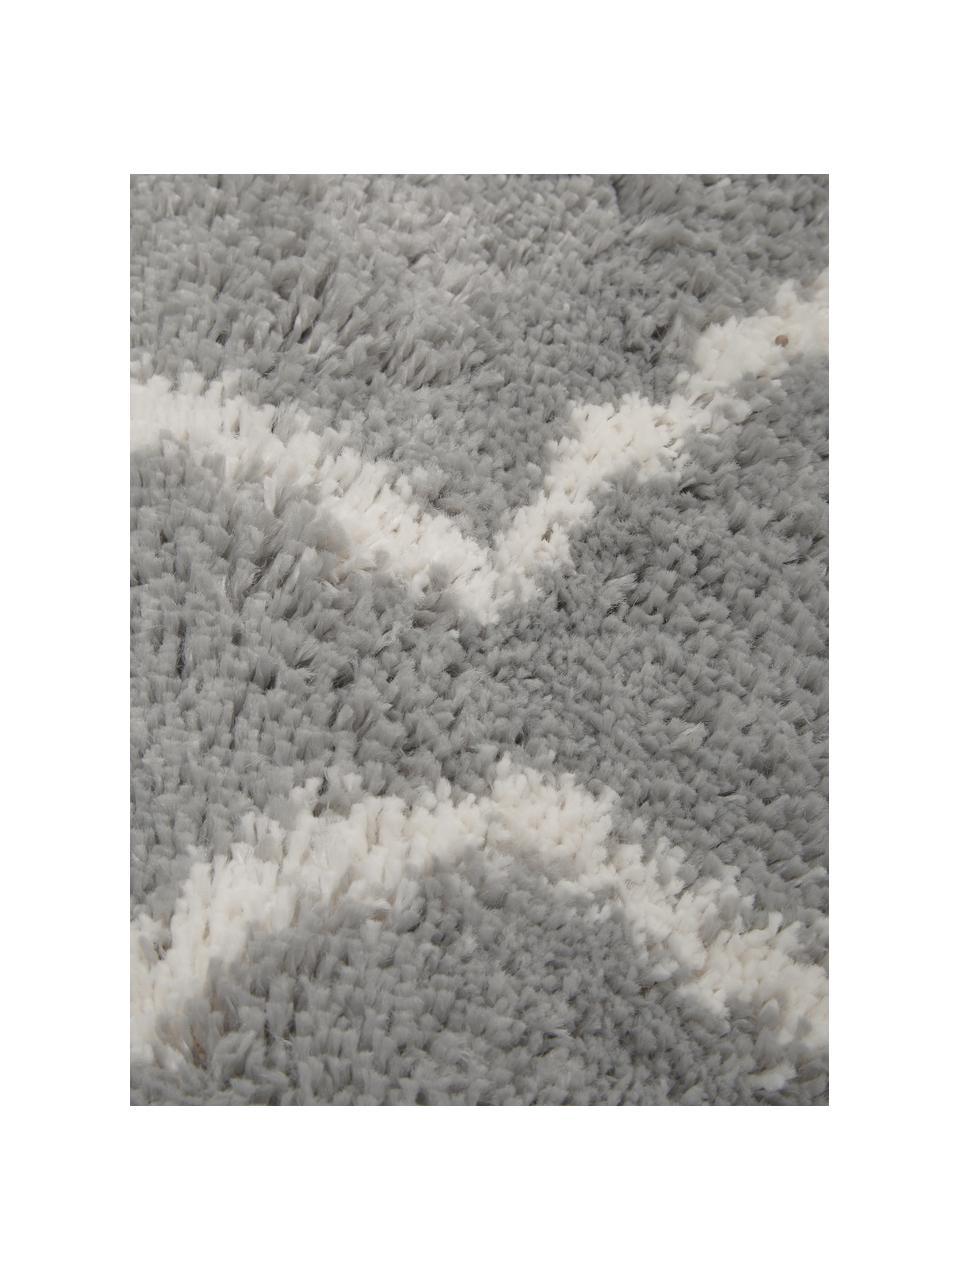 Tappeto a pelo lungo grigio/crema Velma, Retro: 78% juta, 14% cotone, 8% , Grigio, bianco crema, Larg. 200 x Lung. 300 cm (taglia L)